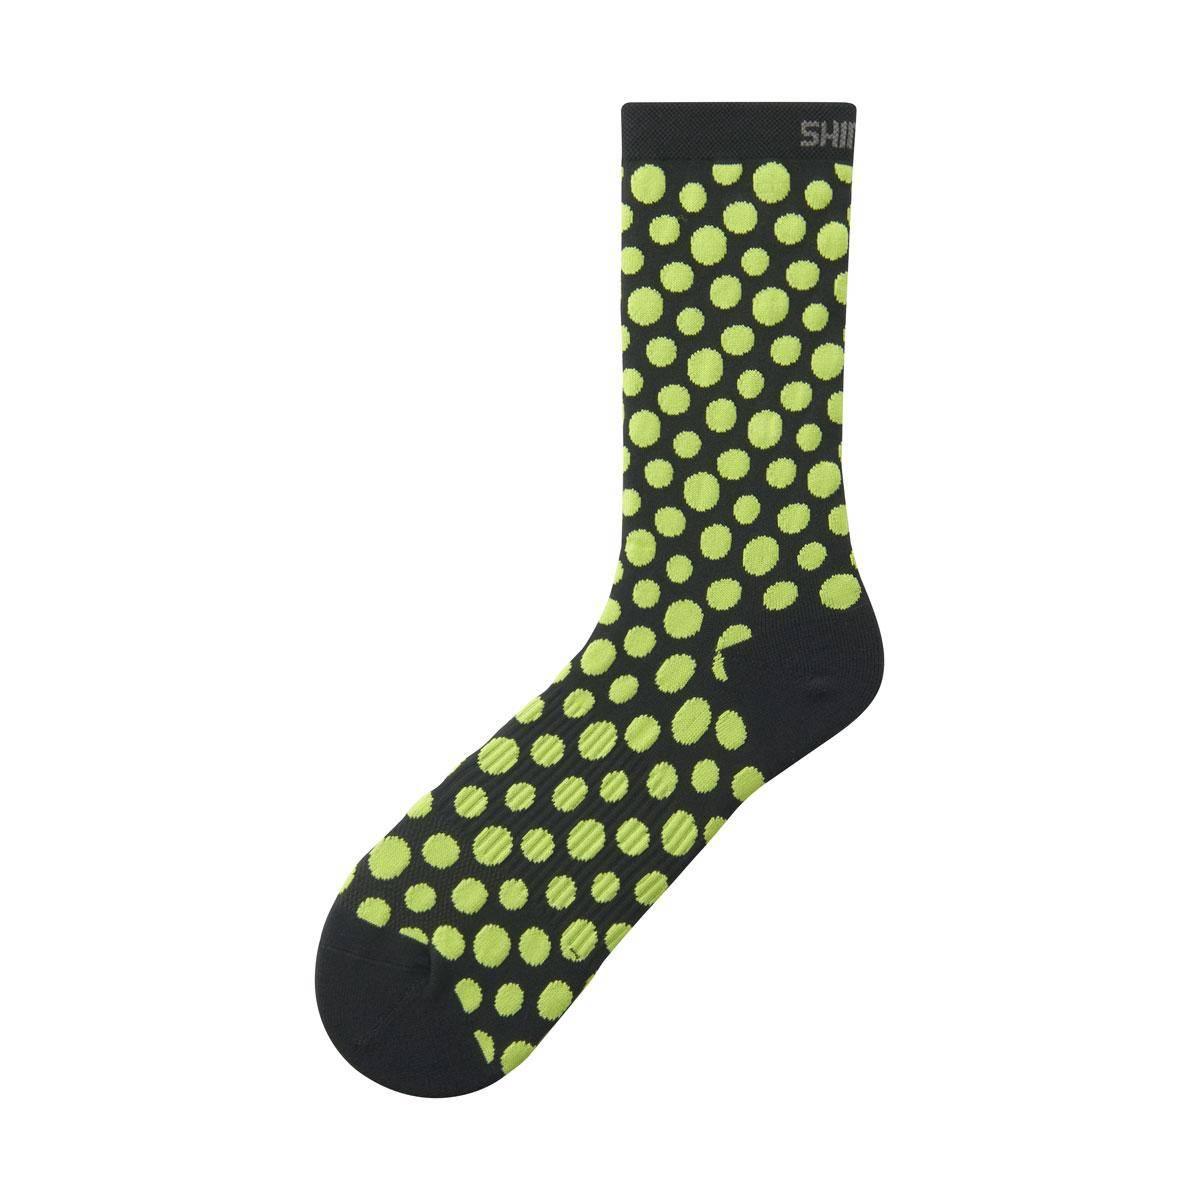 Shimano ORIGINAL TALL ponožky, černá/limetkově žlutá, M-L (41-44)